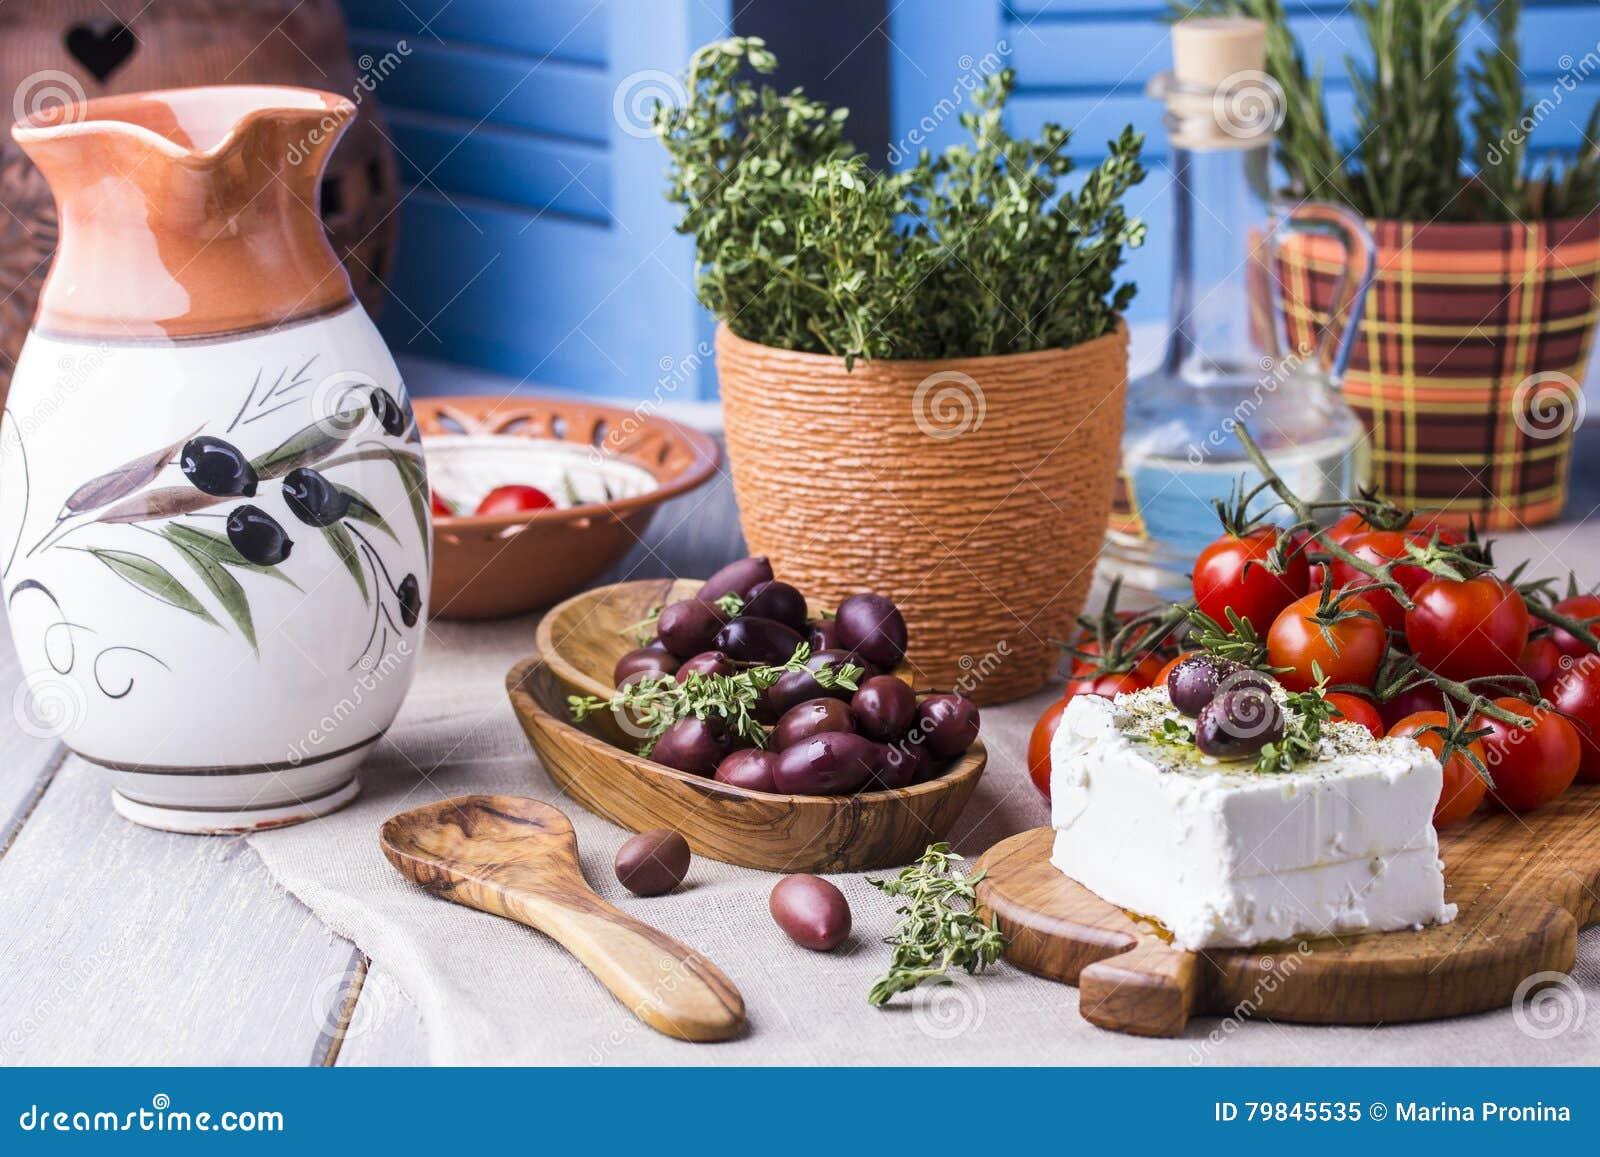 Griekse kaas feta met thyme en olijven